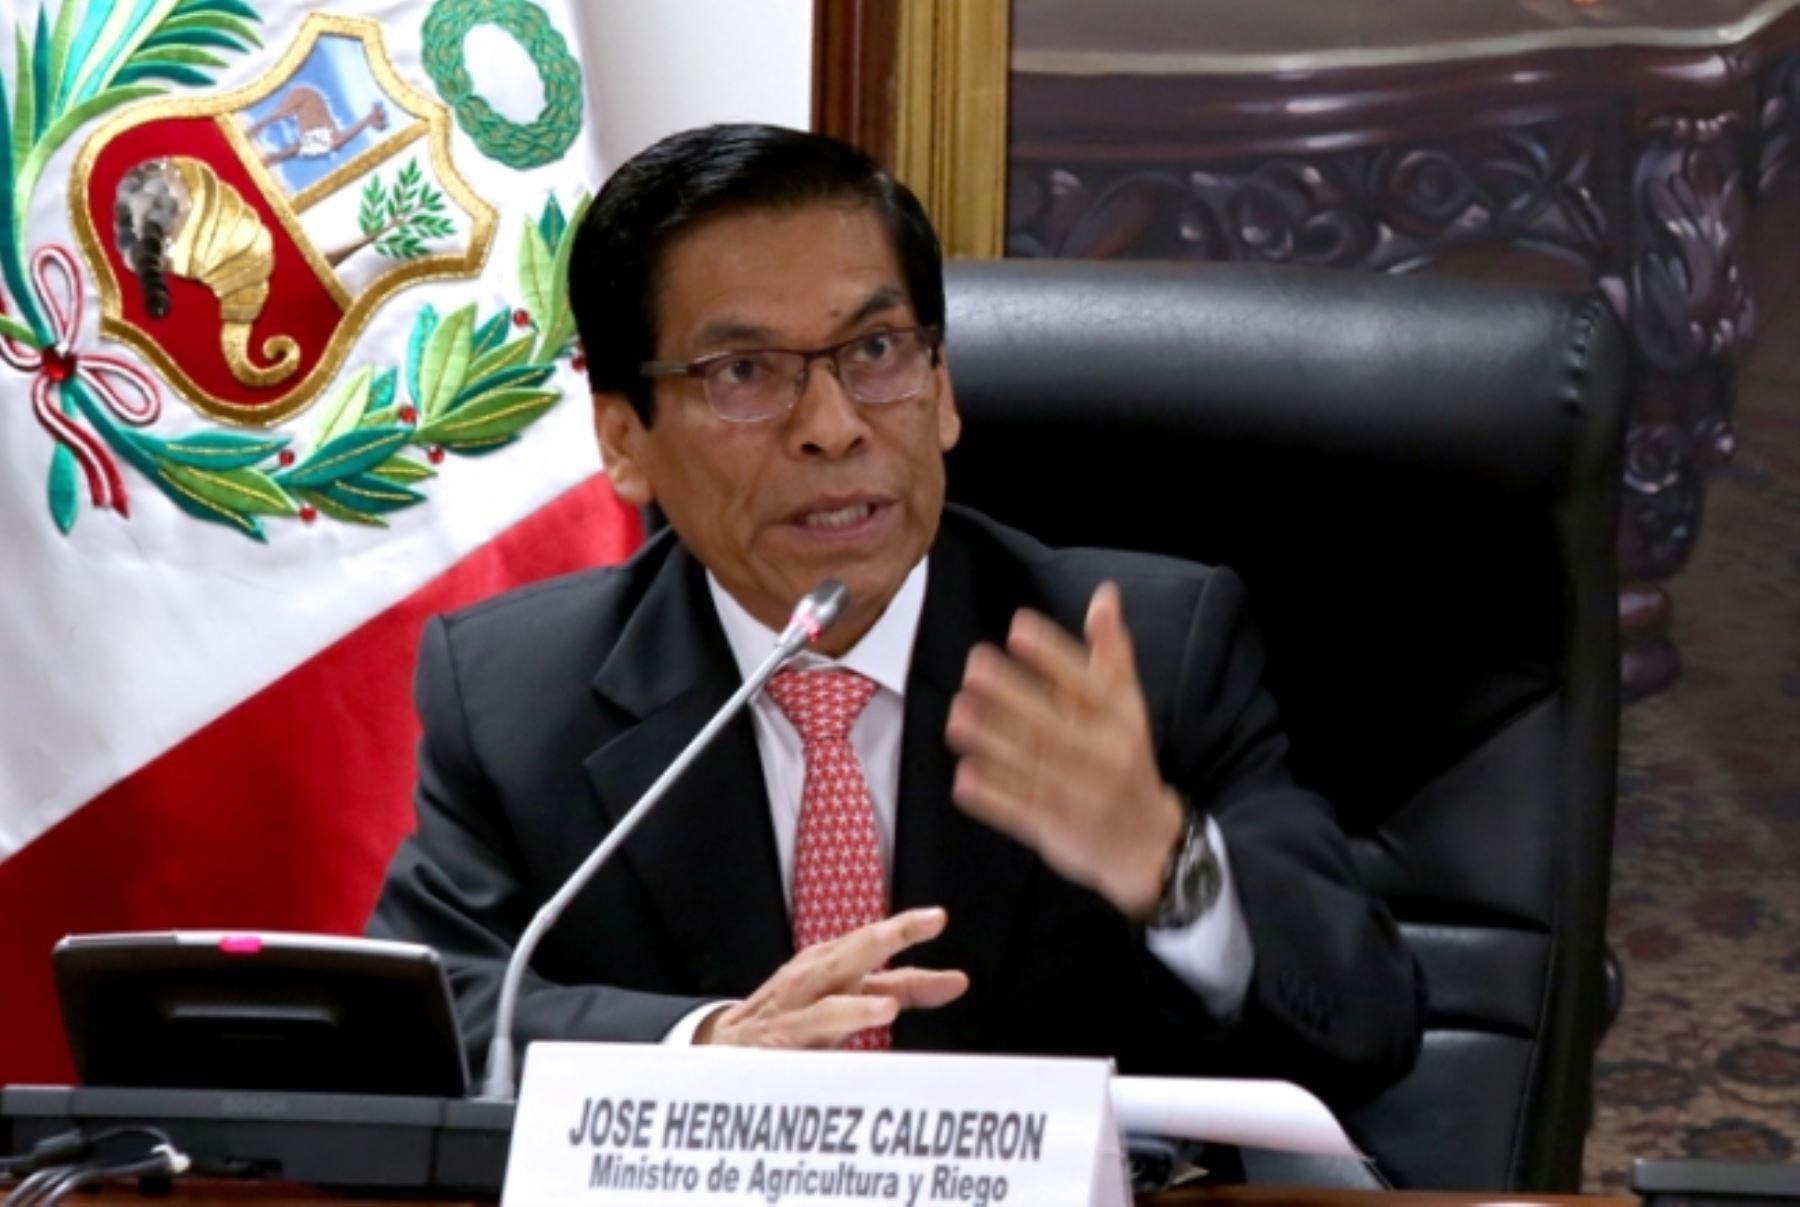 Interpelación será oportunidad para explicar el trabajo — Ministro de Agricultura